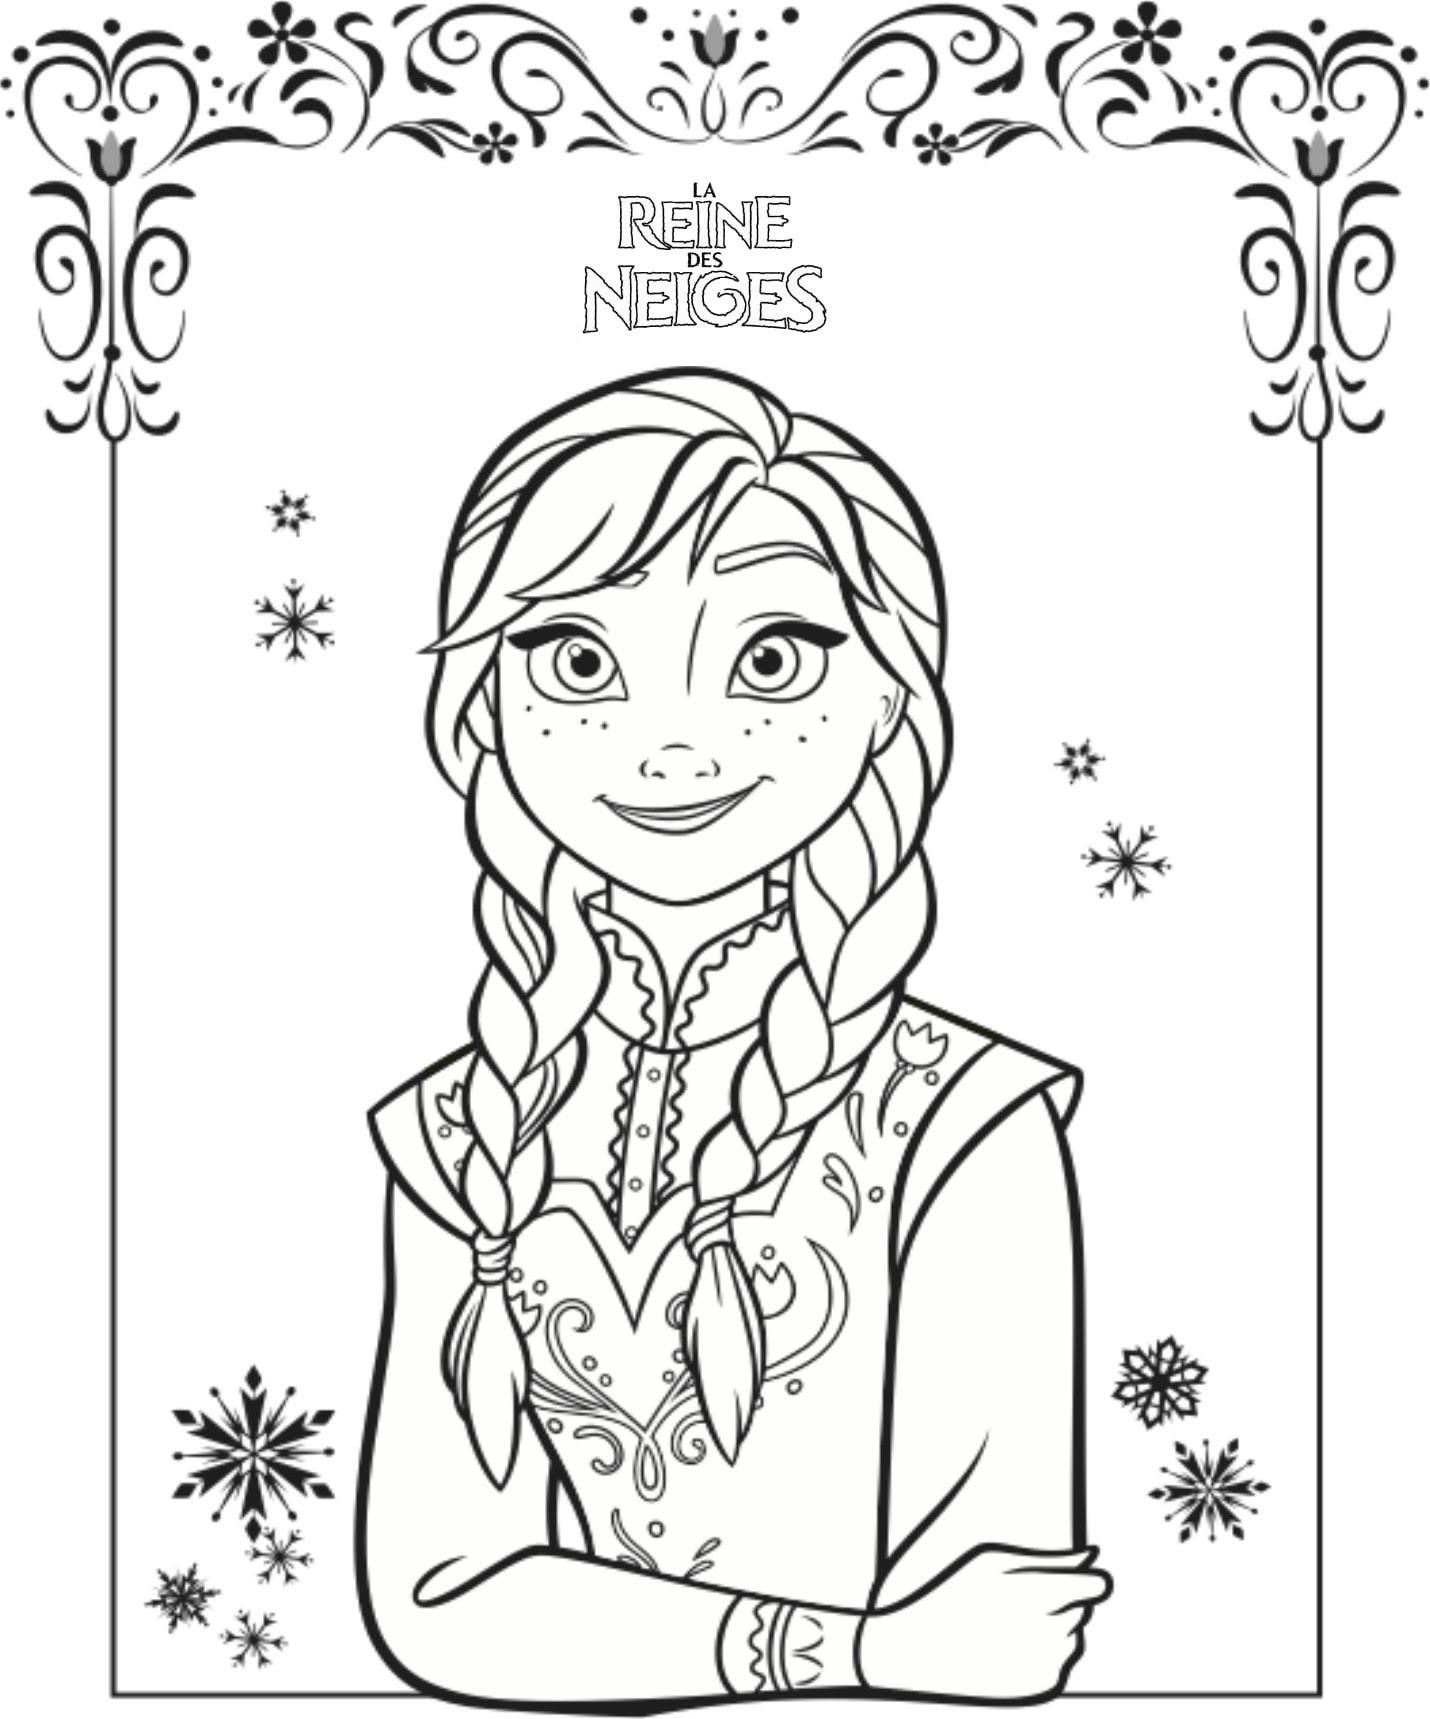 Coloriage reine des neiges gratuit dessin a imprimer 33